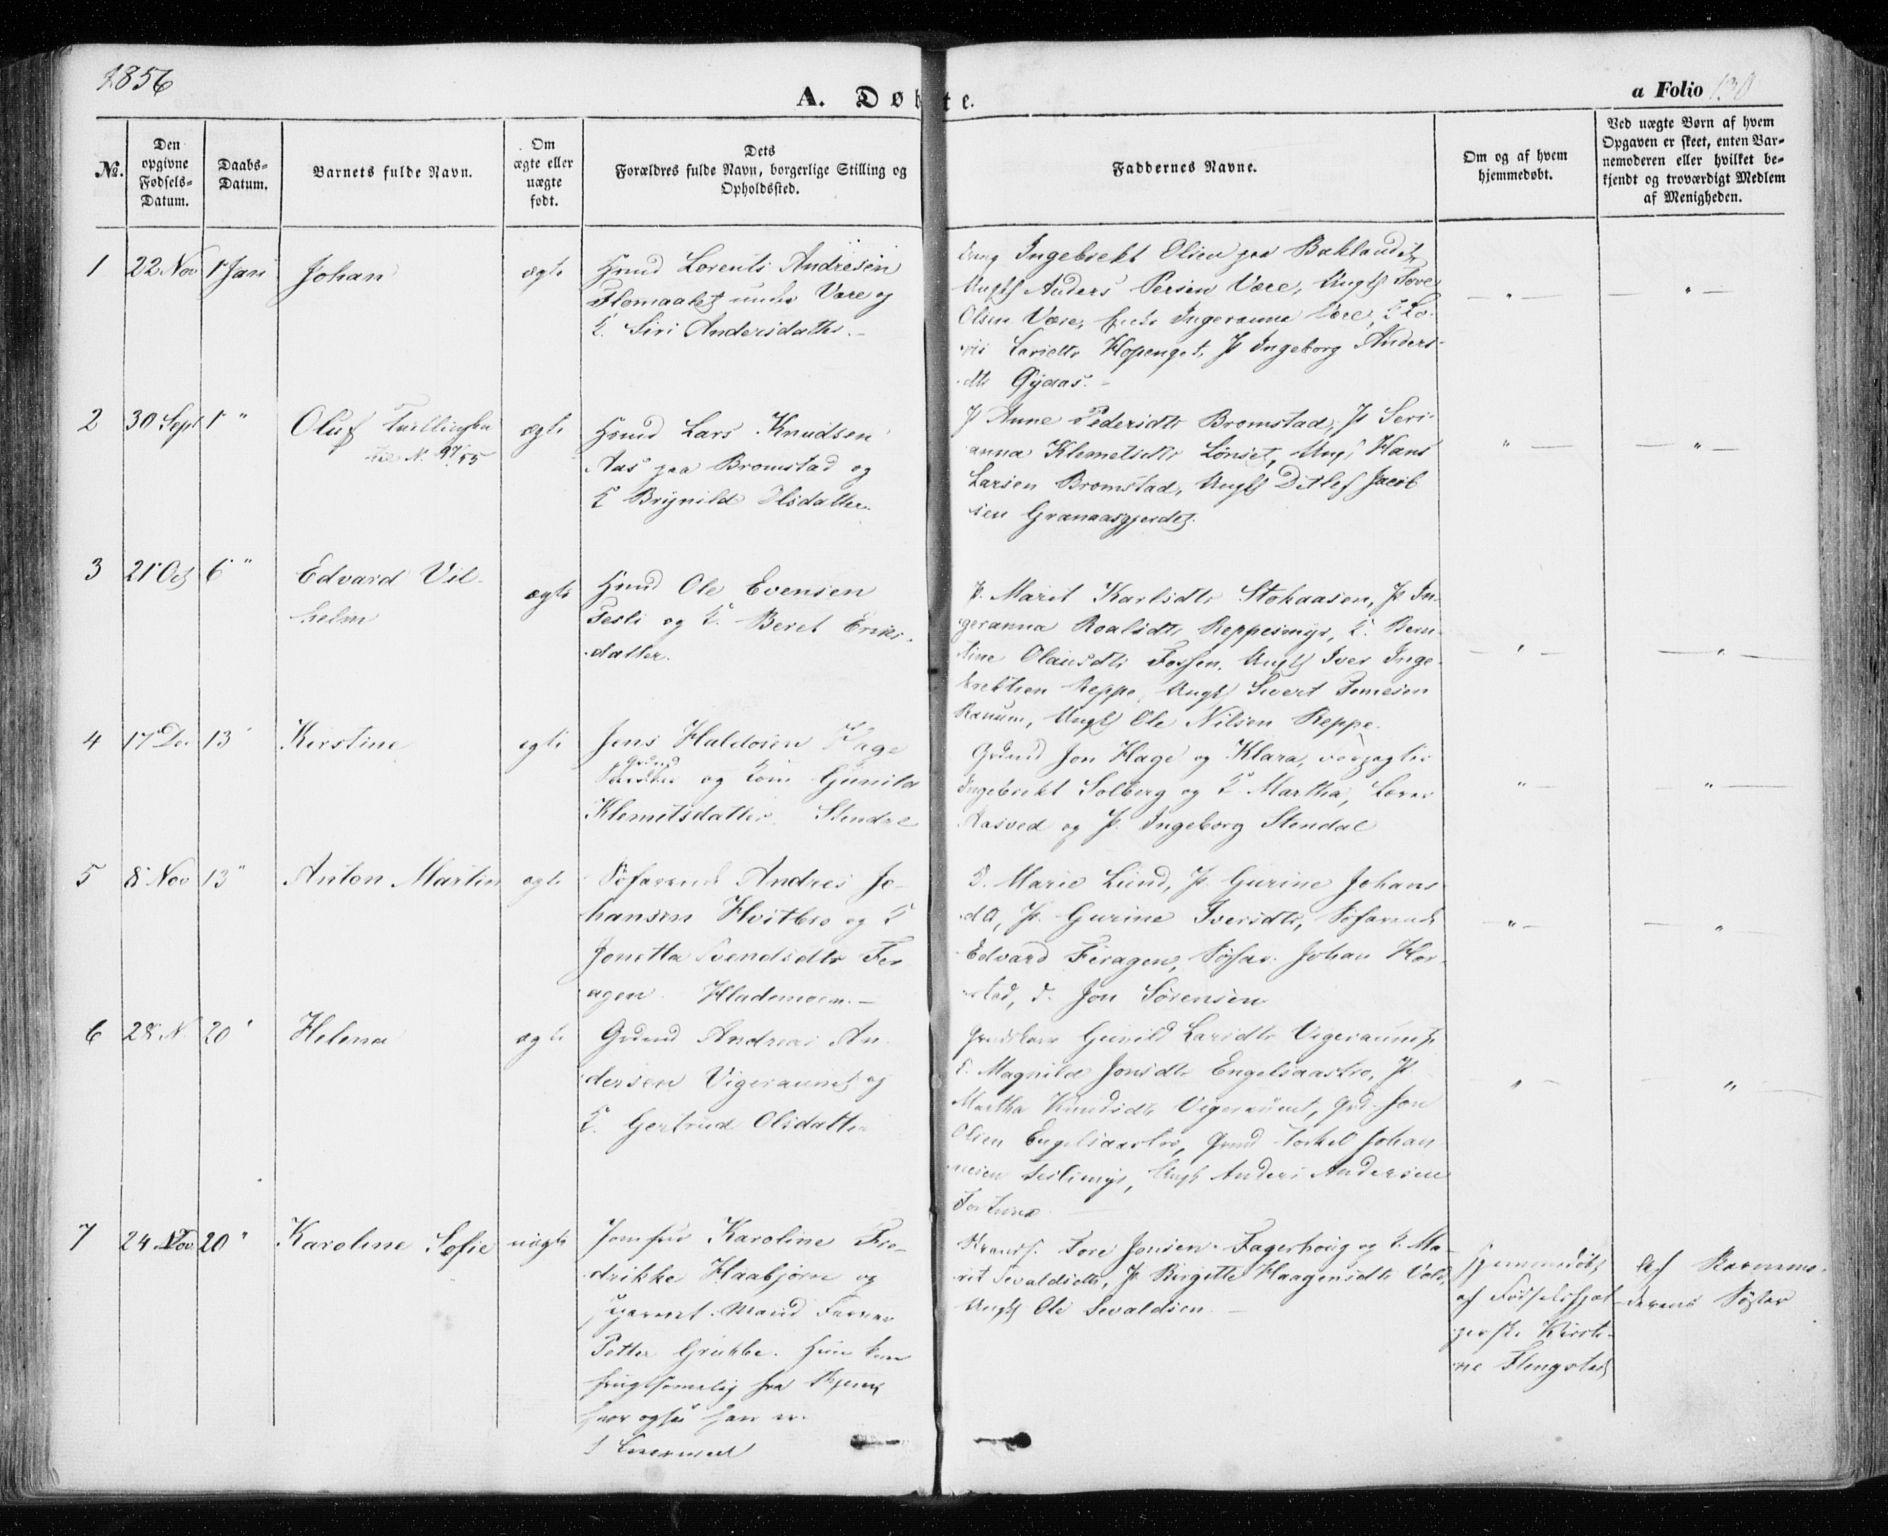 SAT, Ministerialprotokoller, klokkerbøker og fødselsregistre - Sør-Trøndelag, 606/L0291: Ministerialbok nr. 606A06, 1848-1856, s. 130